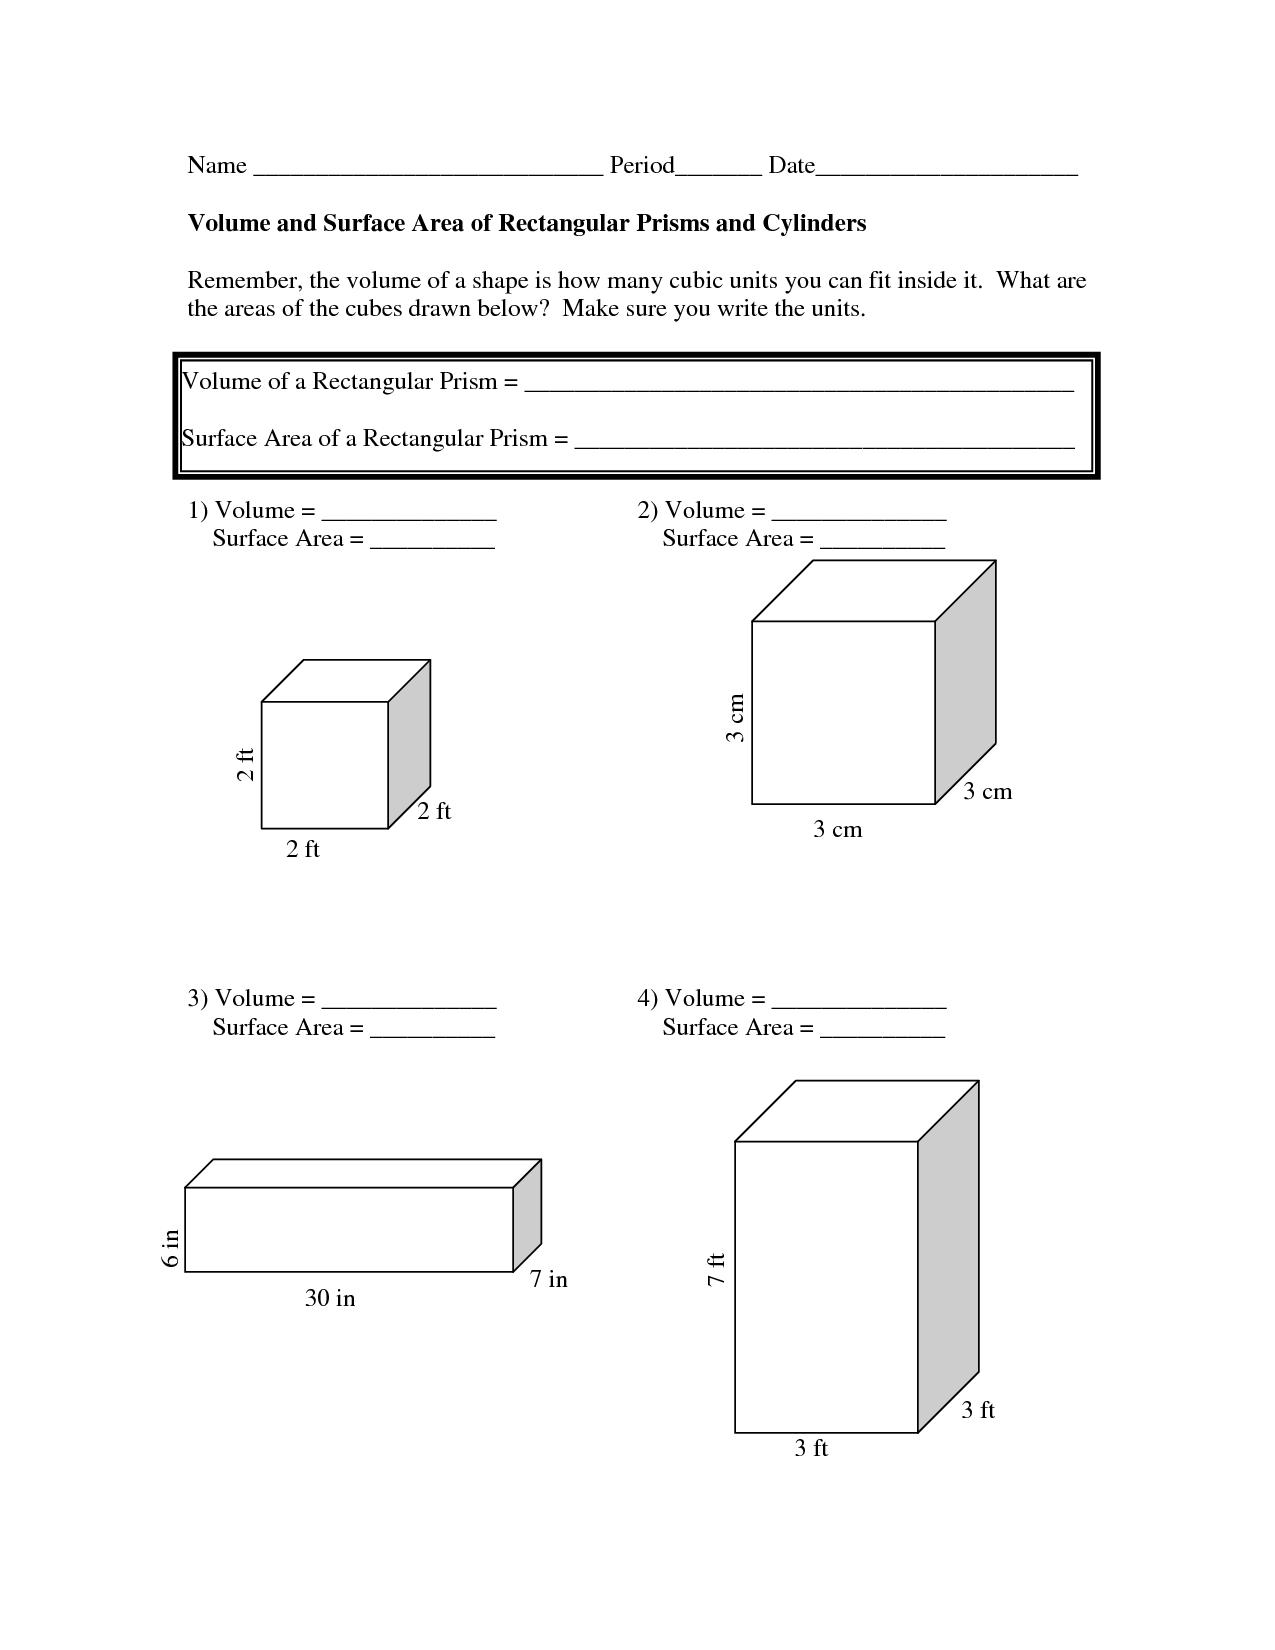 Worksheet Volume Of Cylinder Worksheet Volume And Surface Area